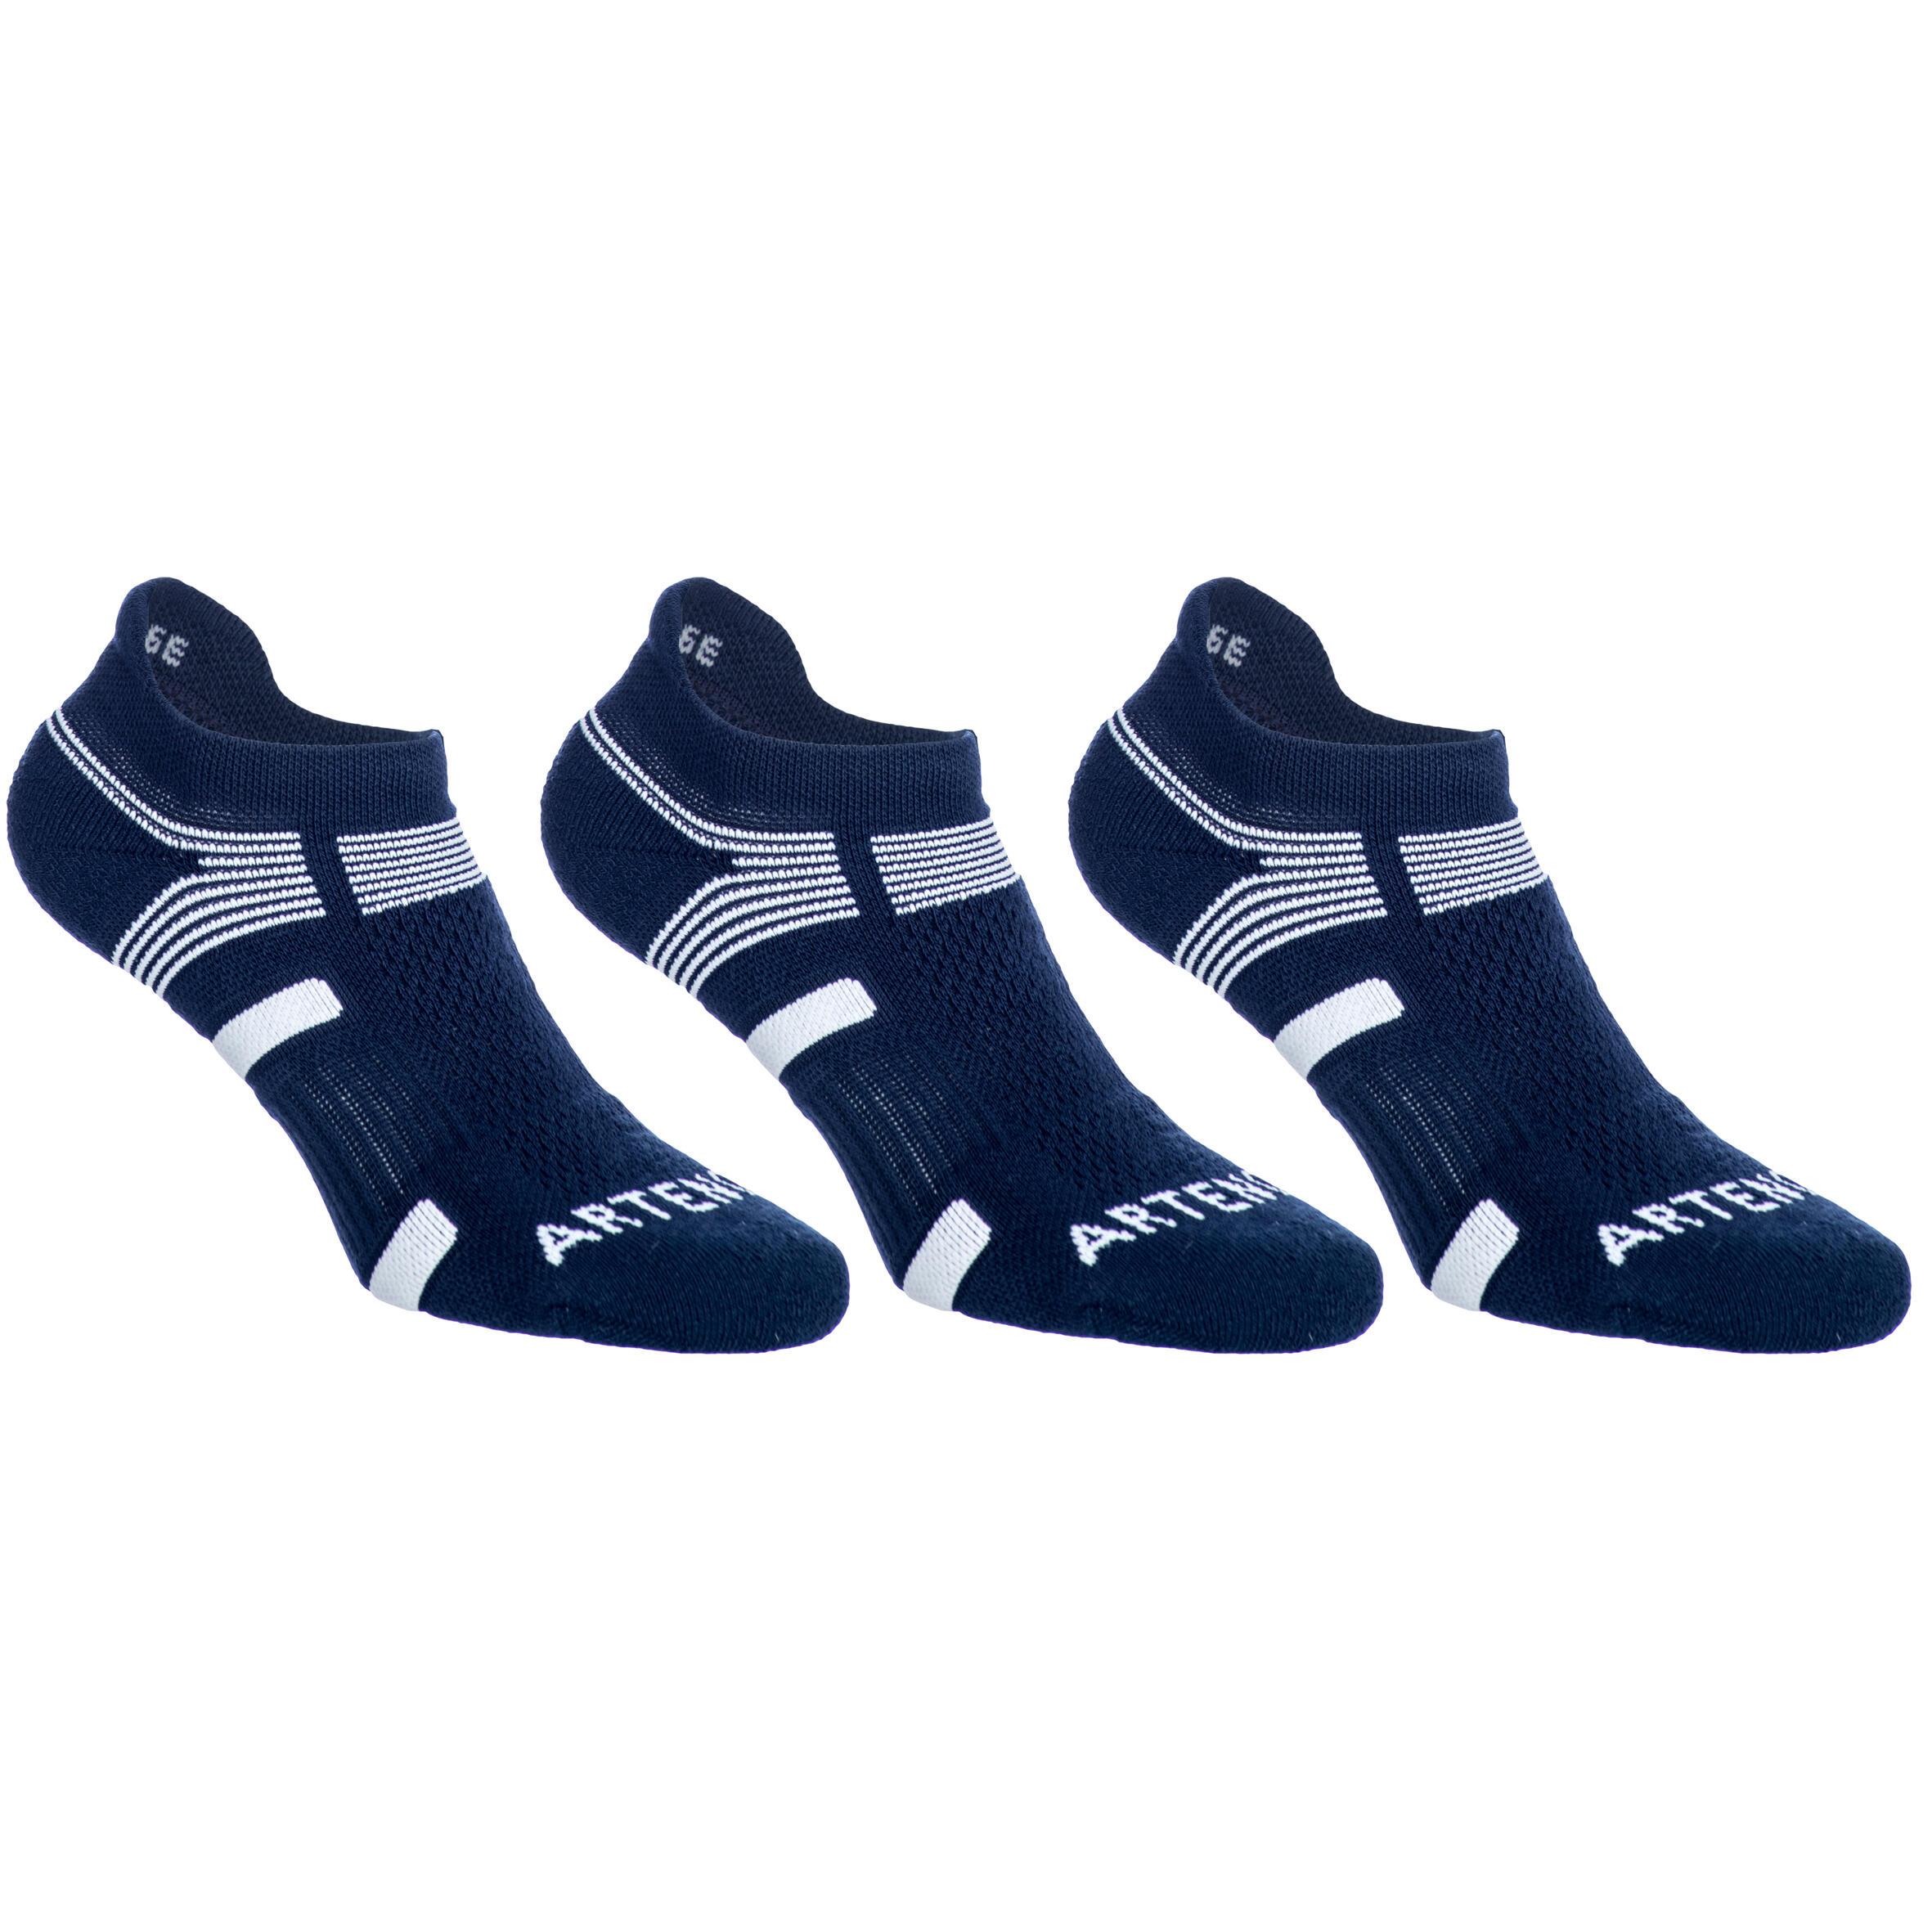 Damen,Herren,Jungen,Kinder Tennissocken RS 560 Lowedge 3er Pack marineblau/weiß Artengo | 03608399856450